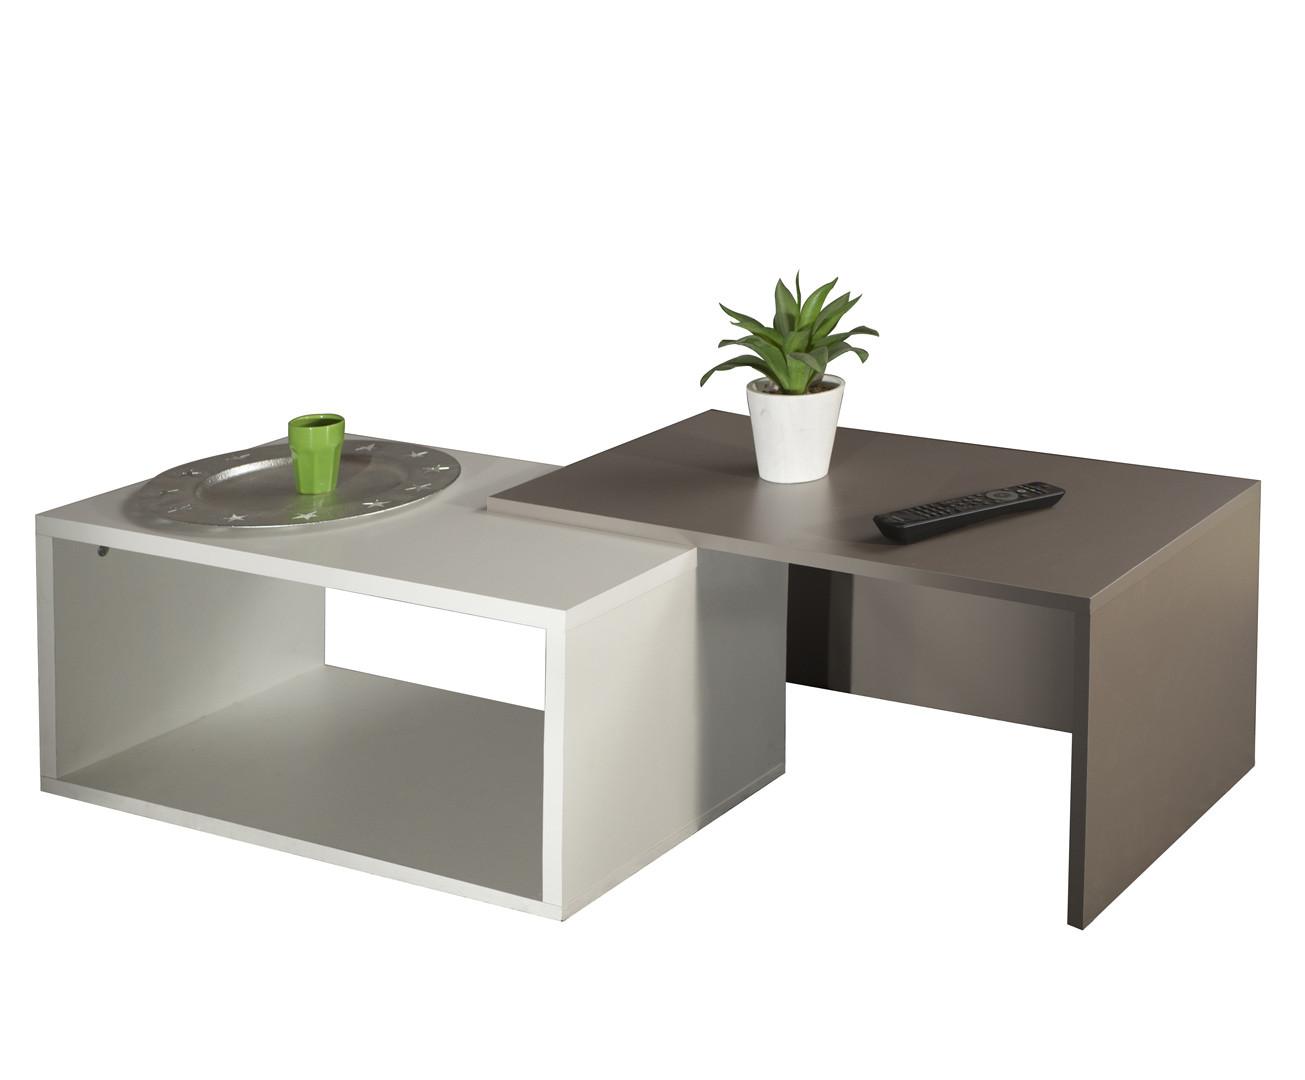 Table basse contemporaine coloris blanc/taupe Pascaline